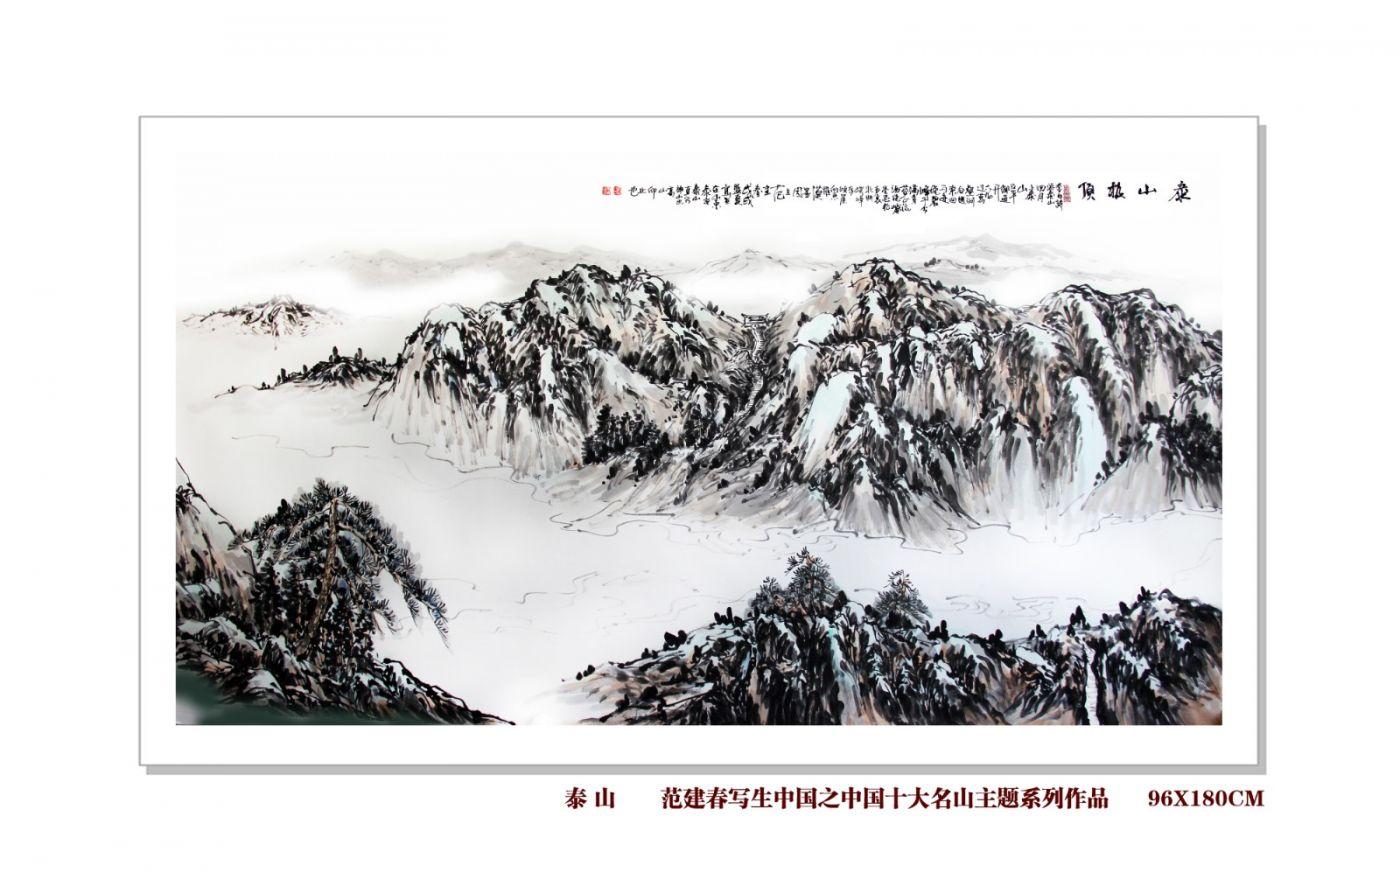 范建春写生中国之十大名山主题系列作品_图1-8